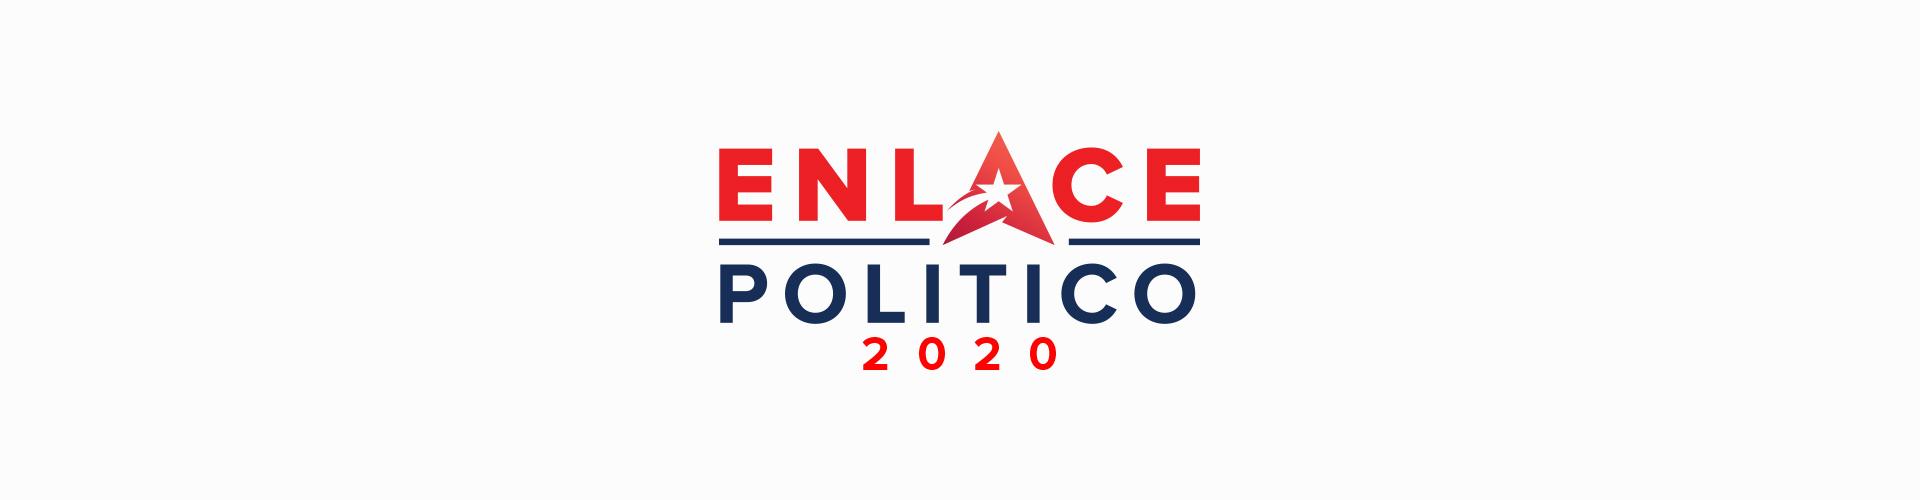 Enlace Politico 2020